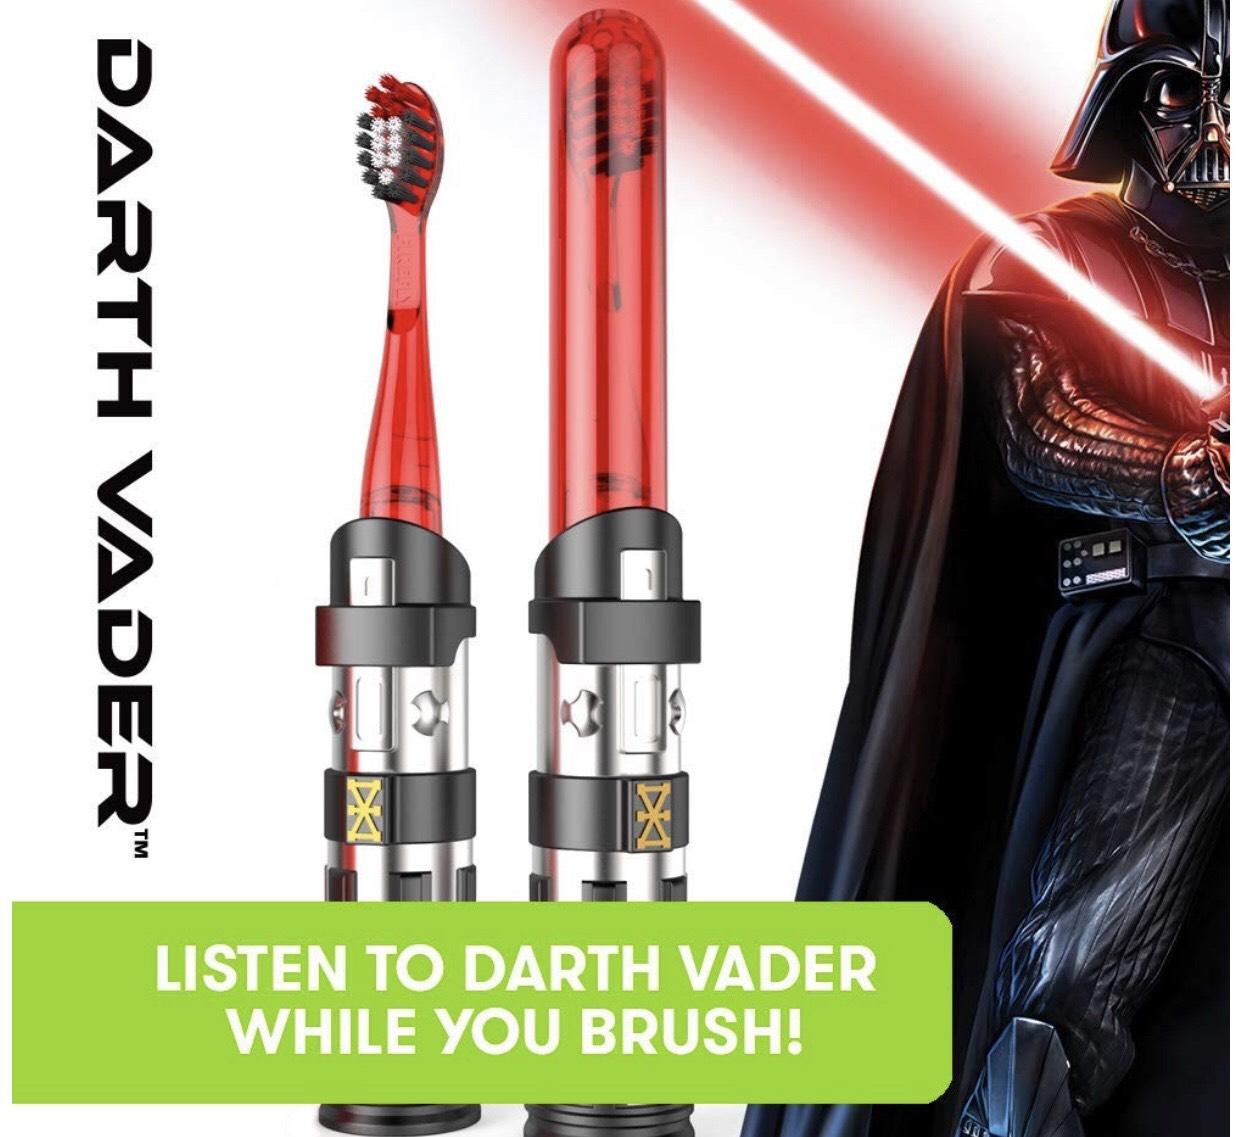 ¡Cepillo Star Wars Eléctrico con Láser por 5,99€! Alcampo España